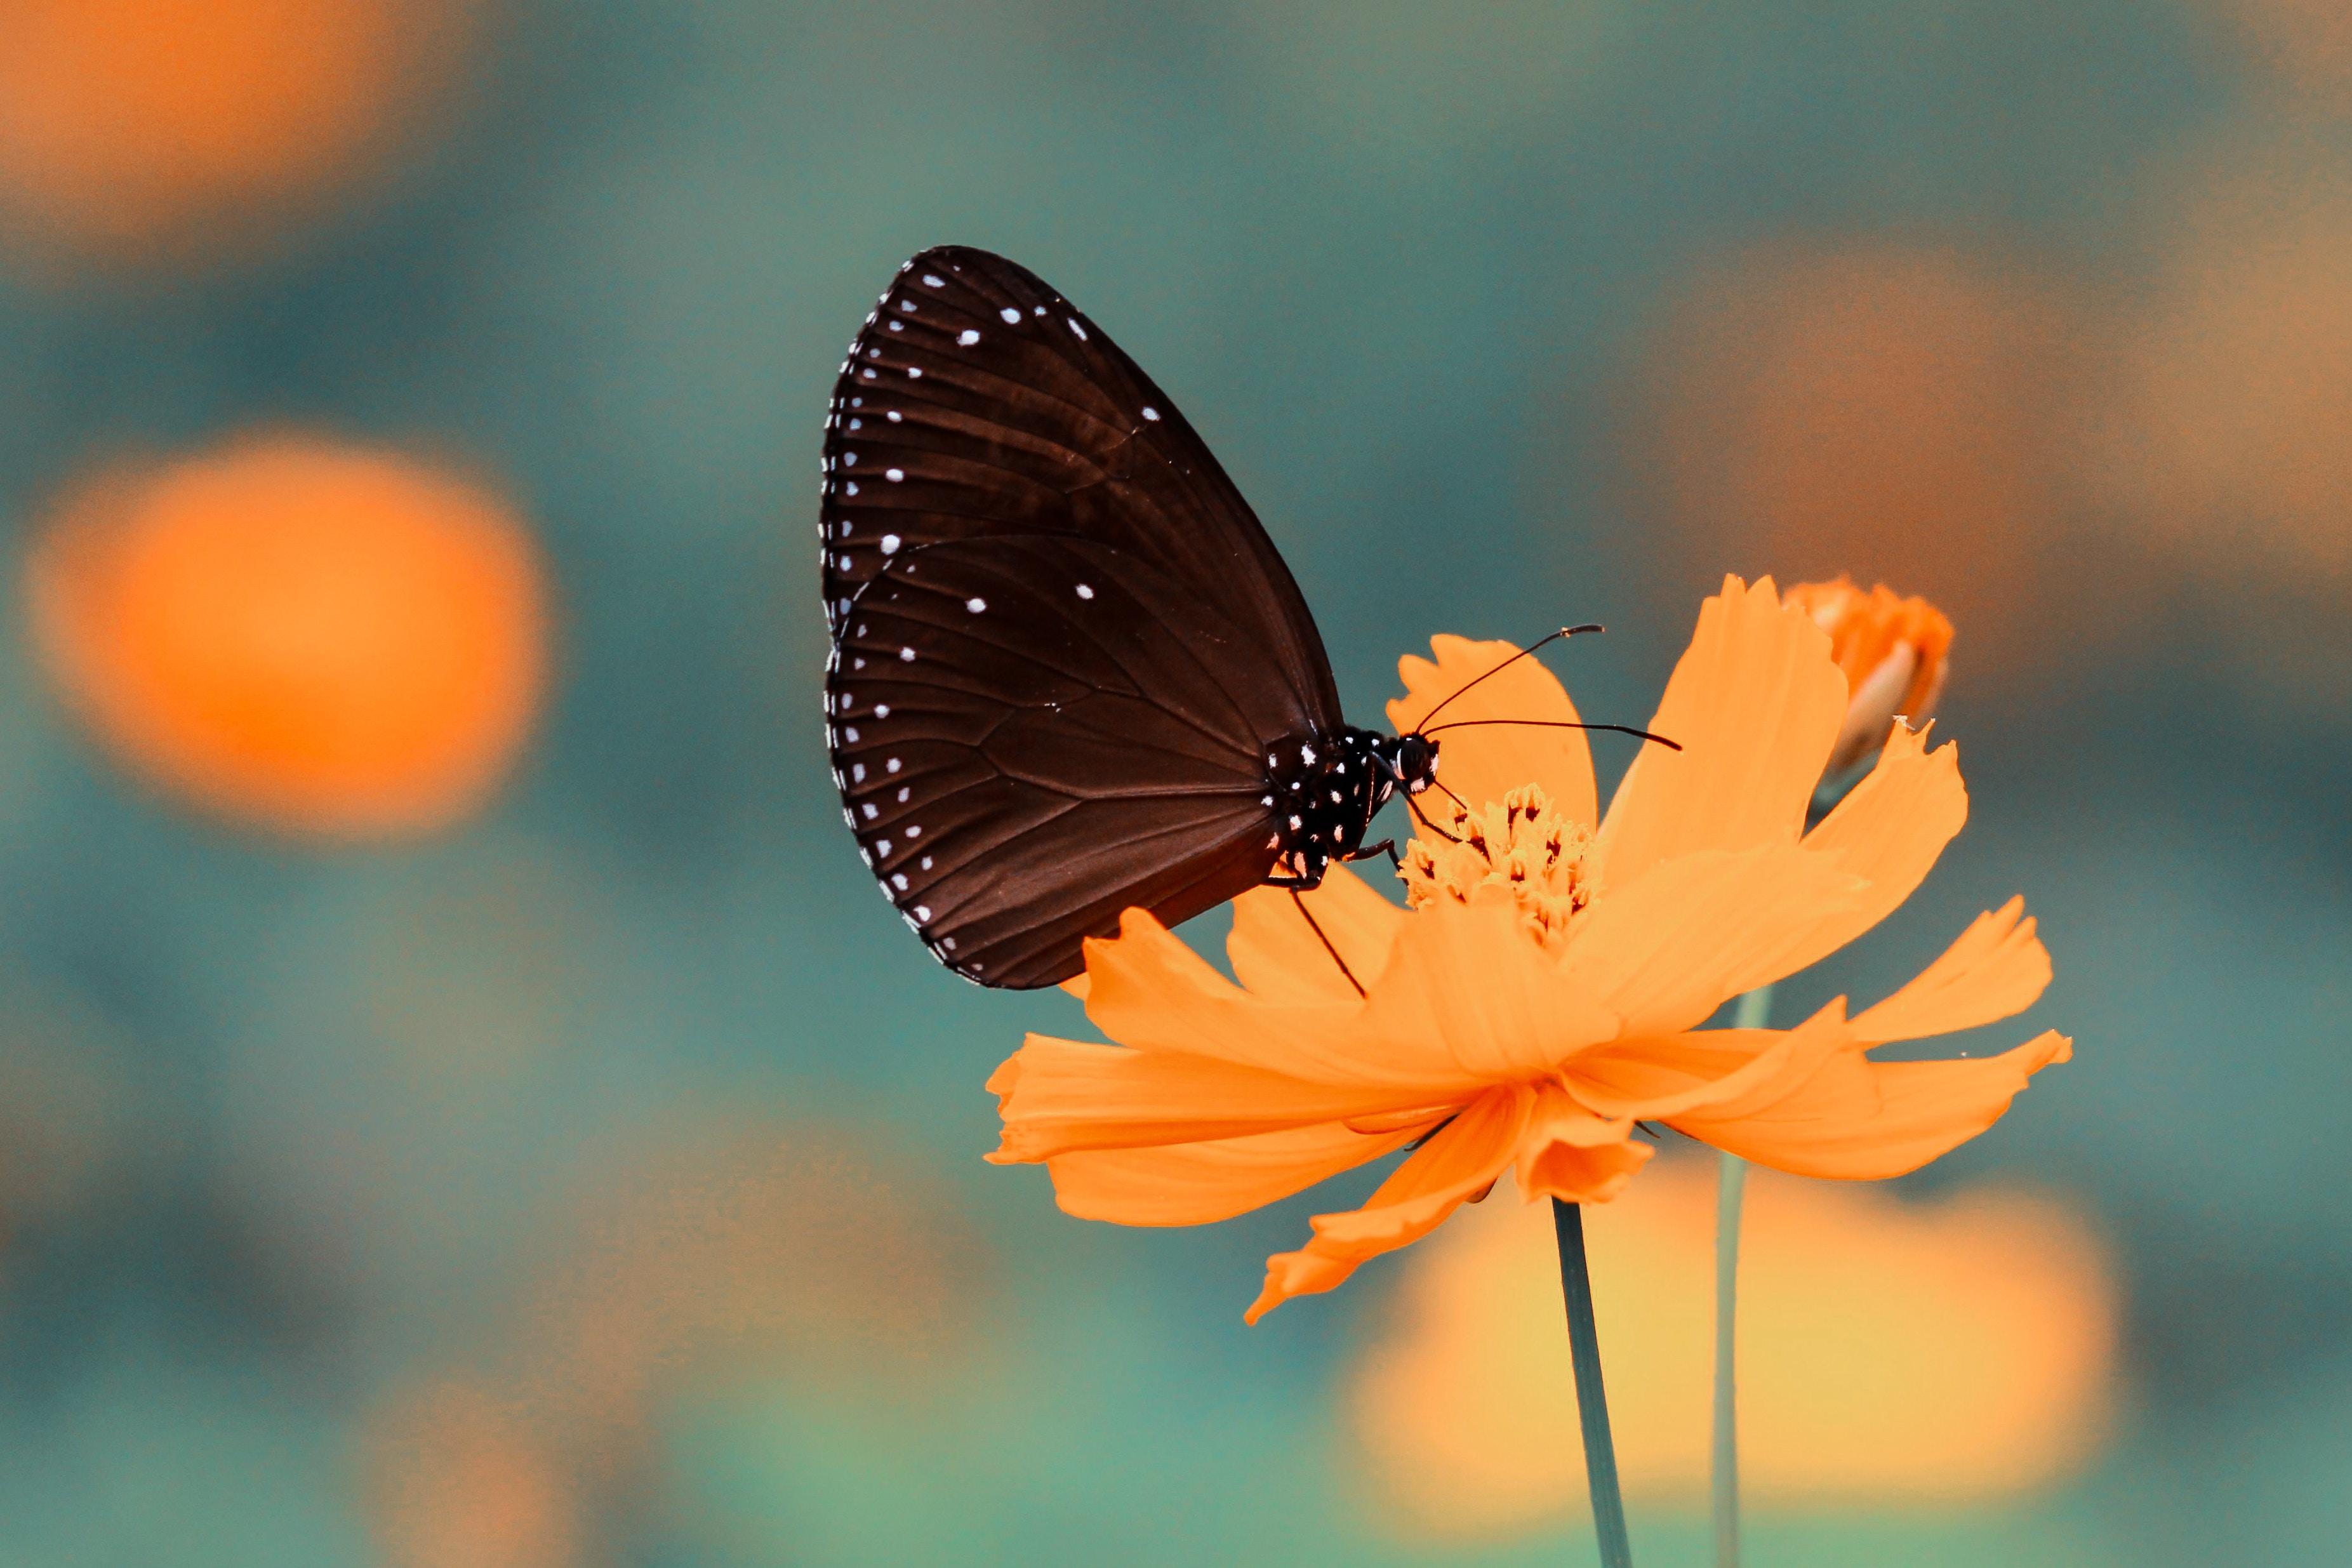 Black Butterfly Iphone Wallpaper Idrop News